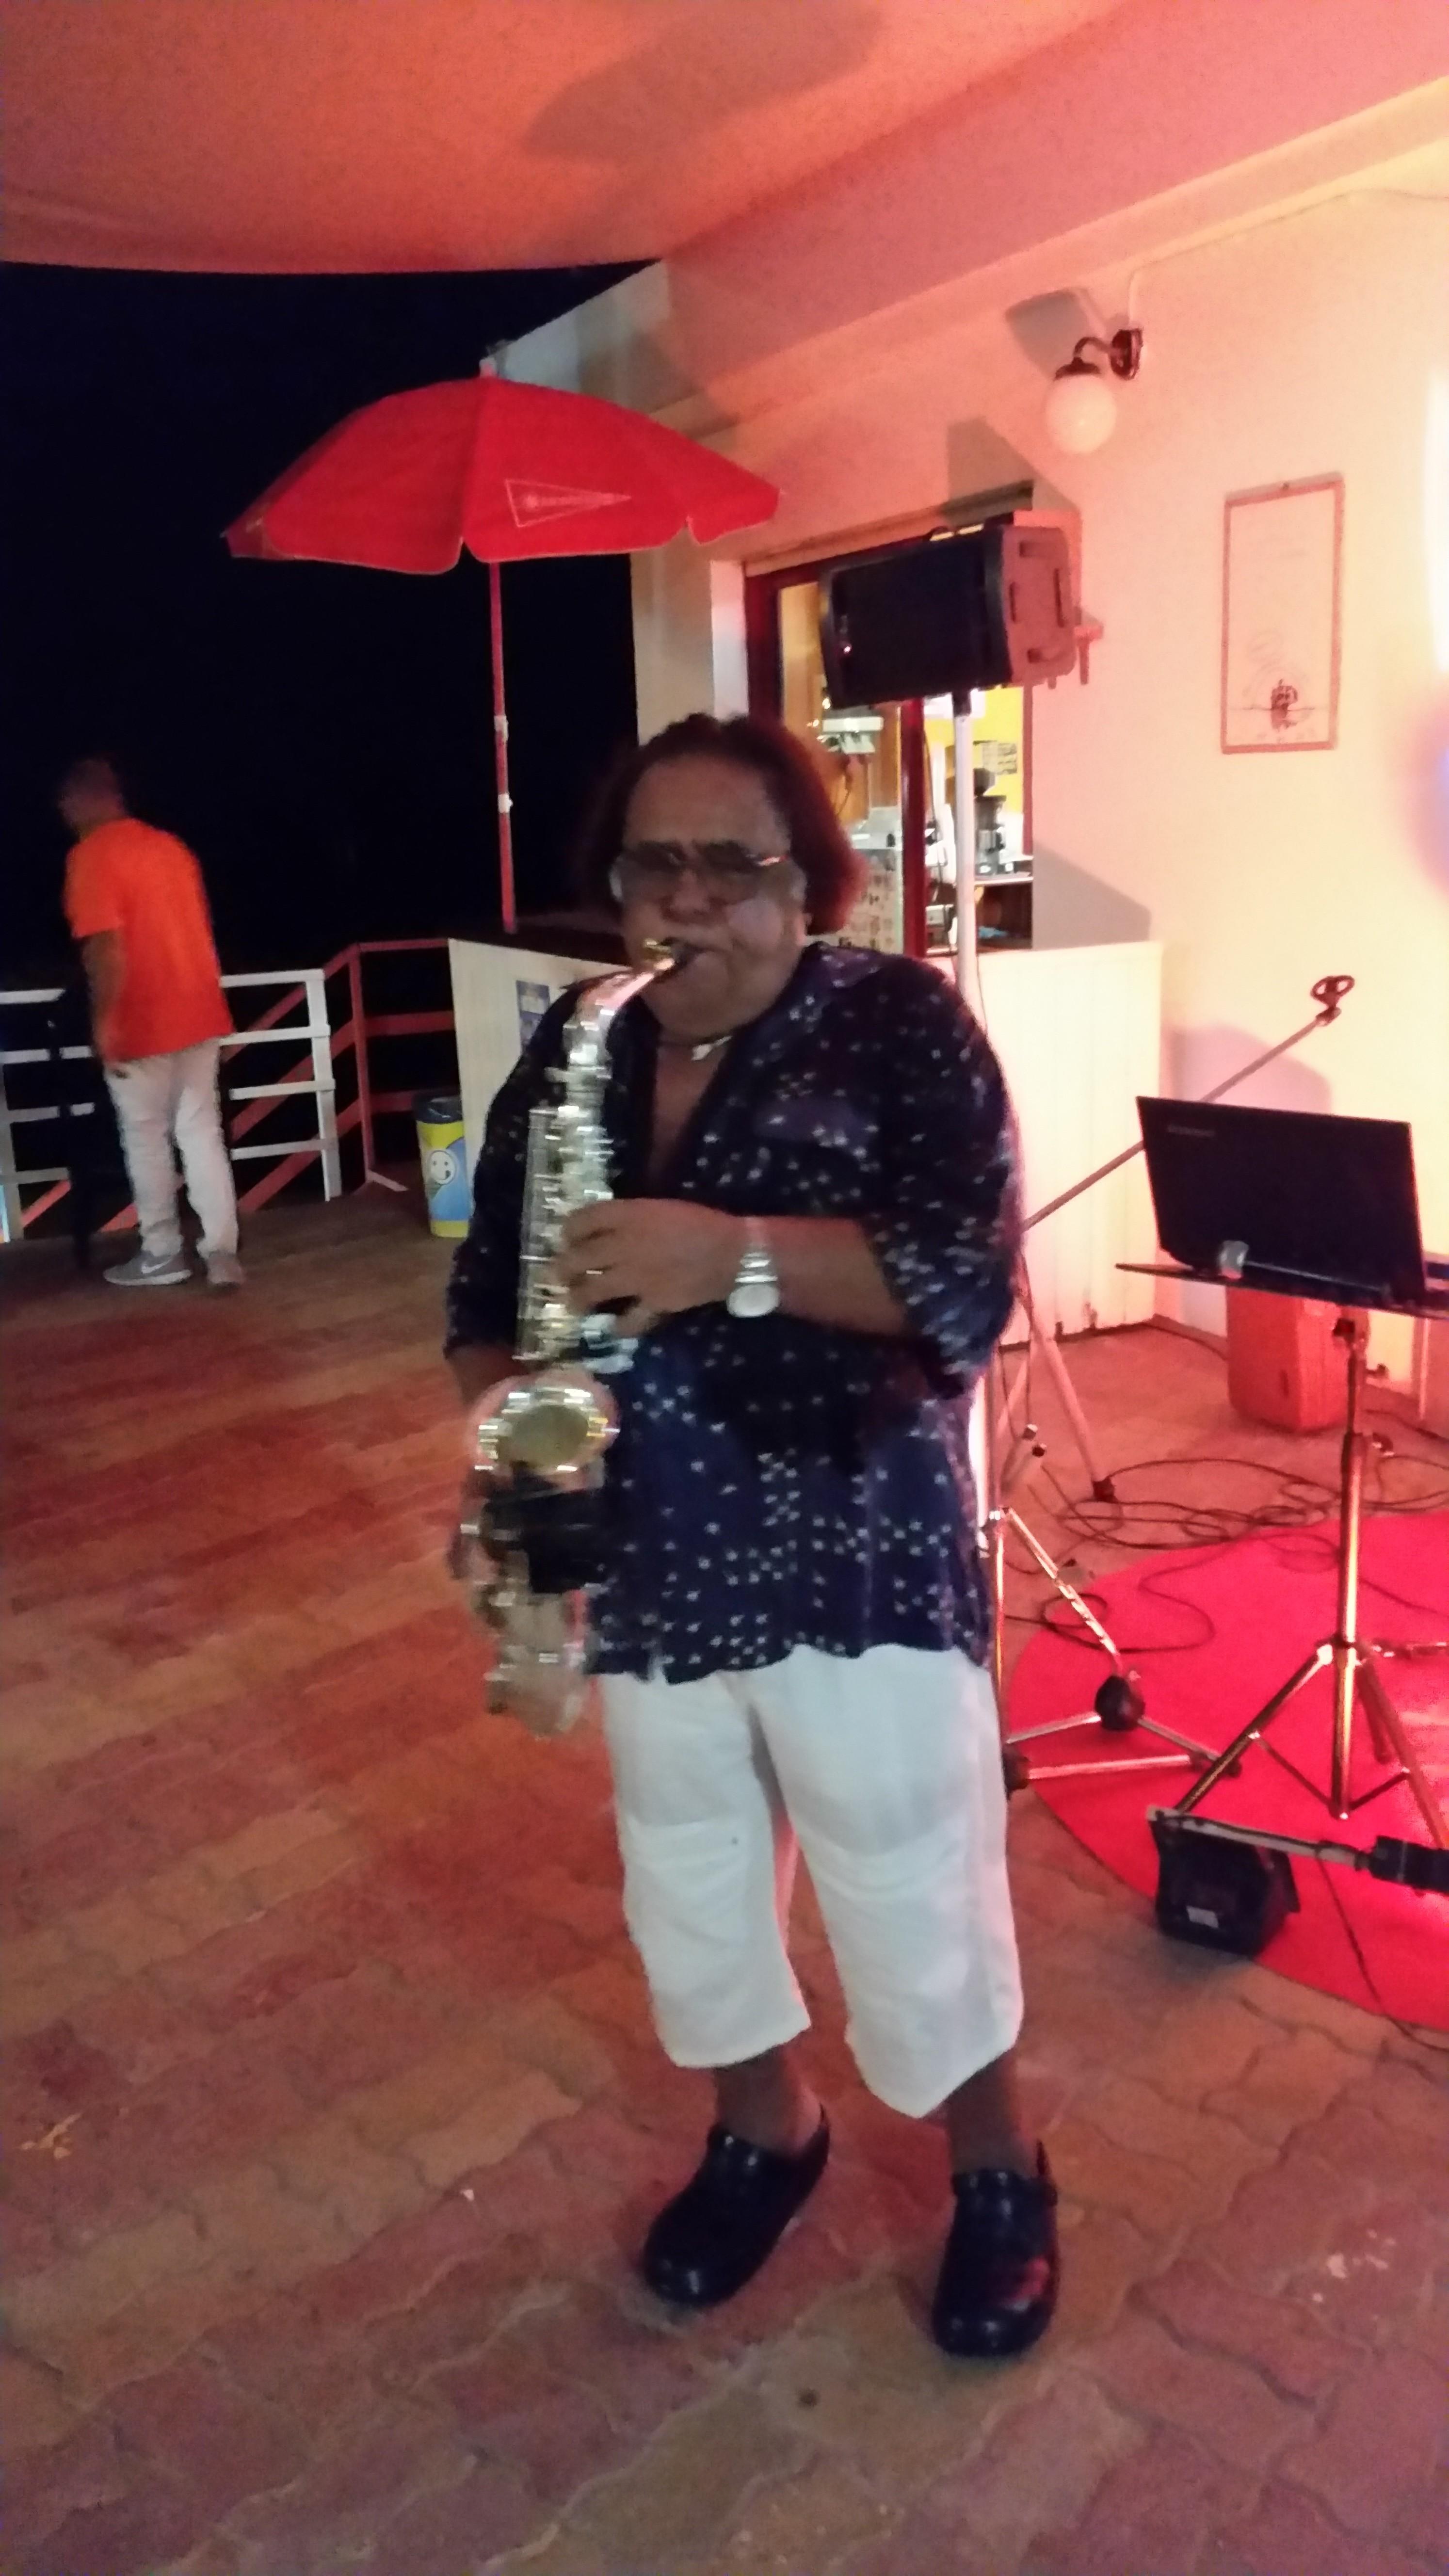 Club-Nautico Scoglitti – mare vela arte culinaria musica e cultura.